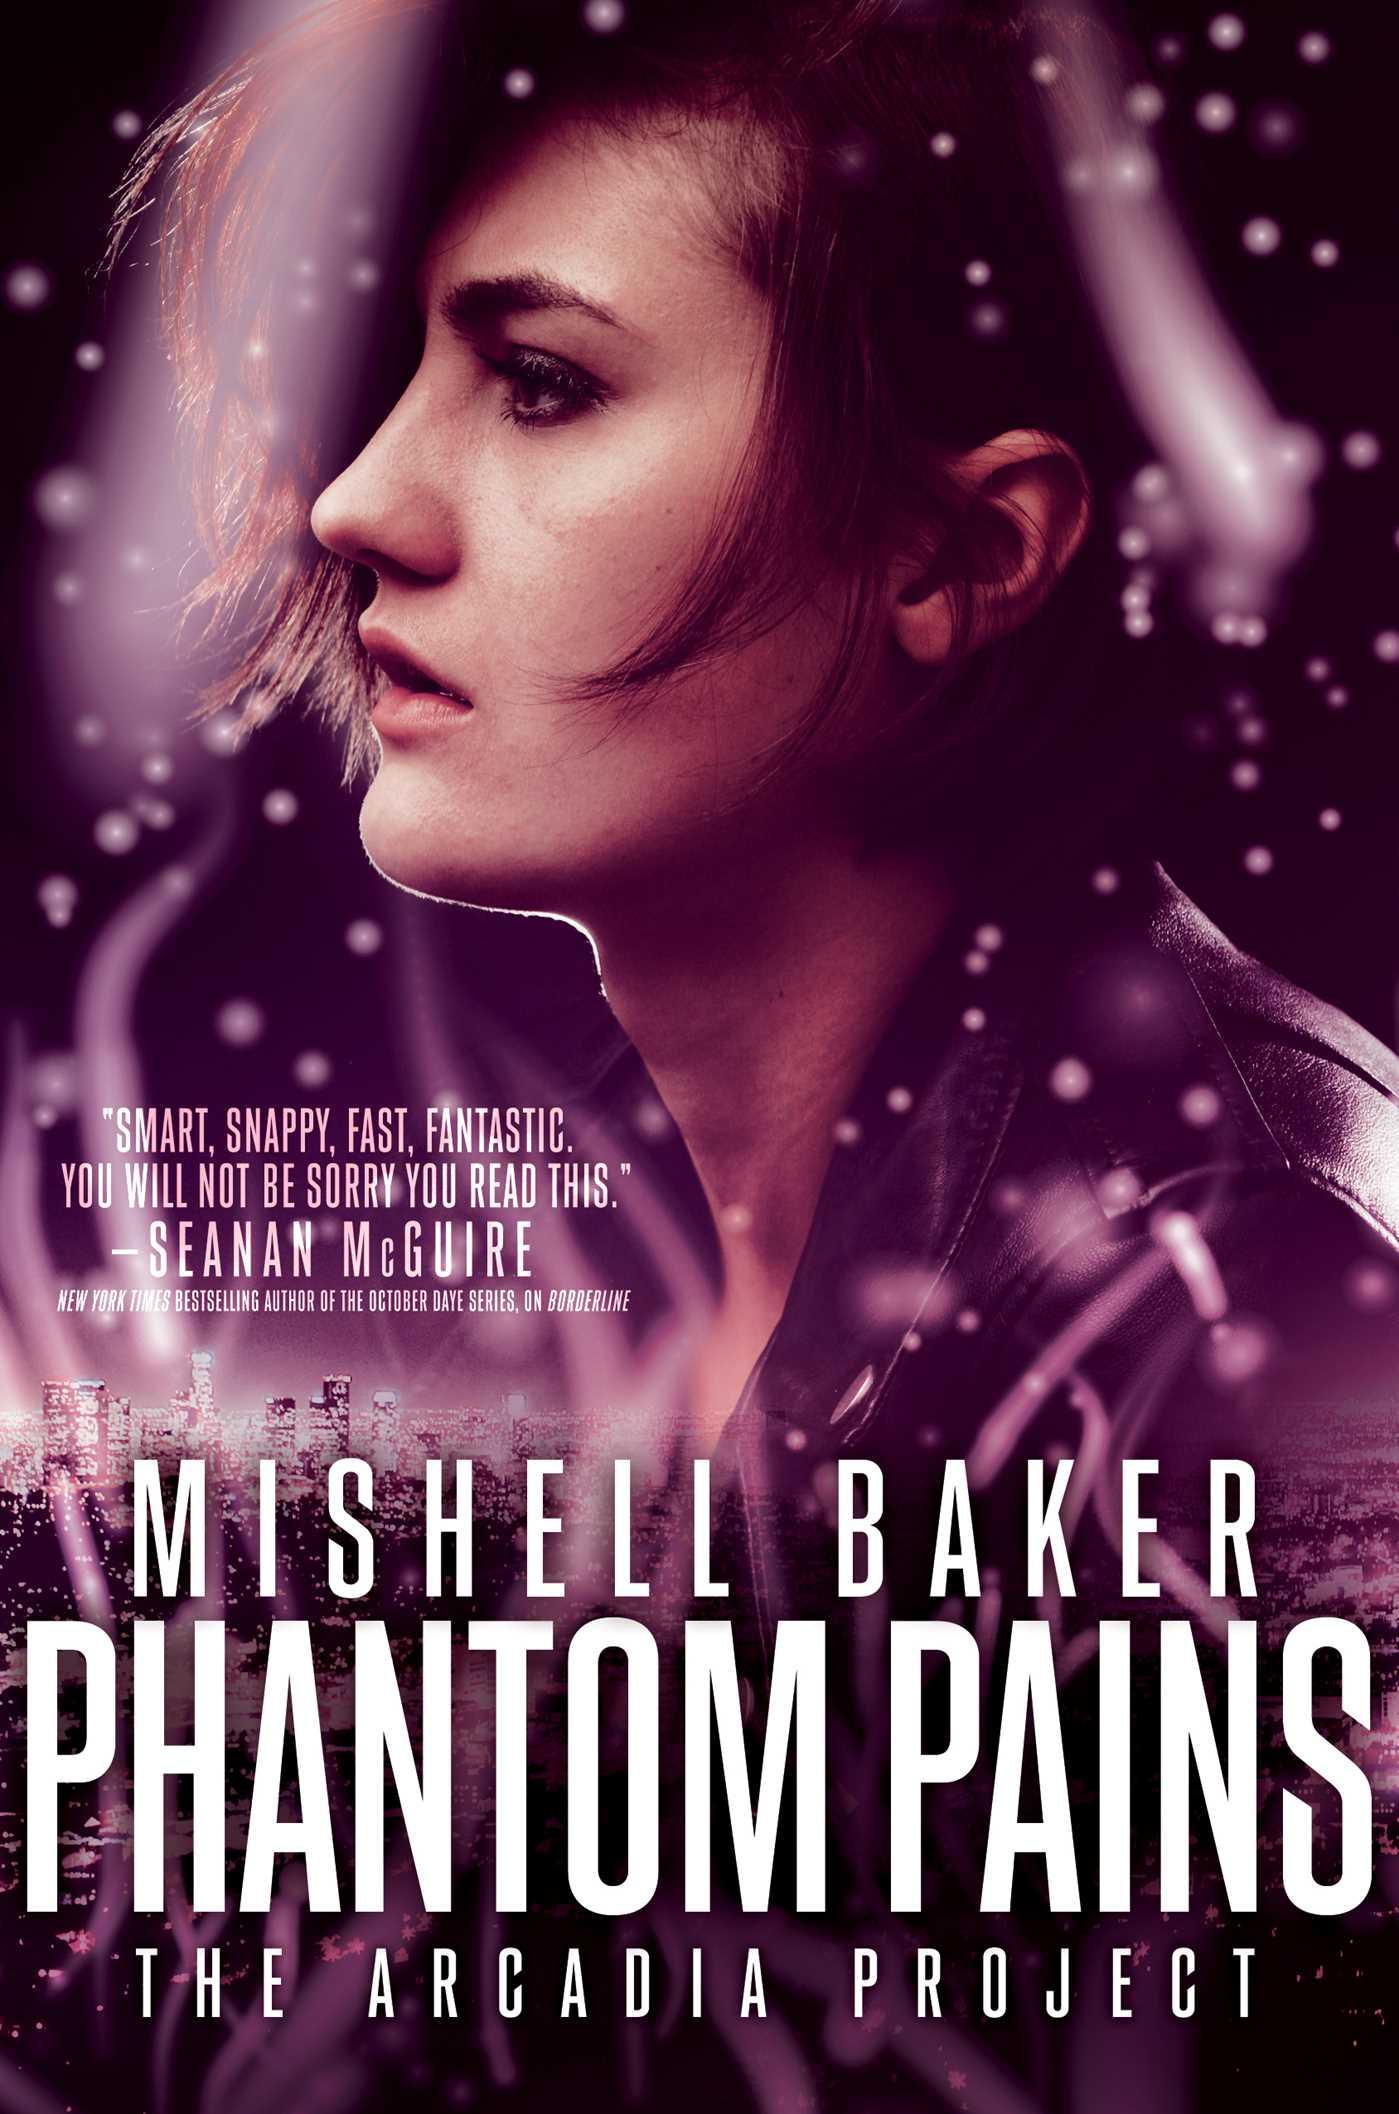 Phantom pains 9781481480178 hr